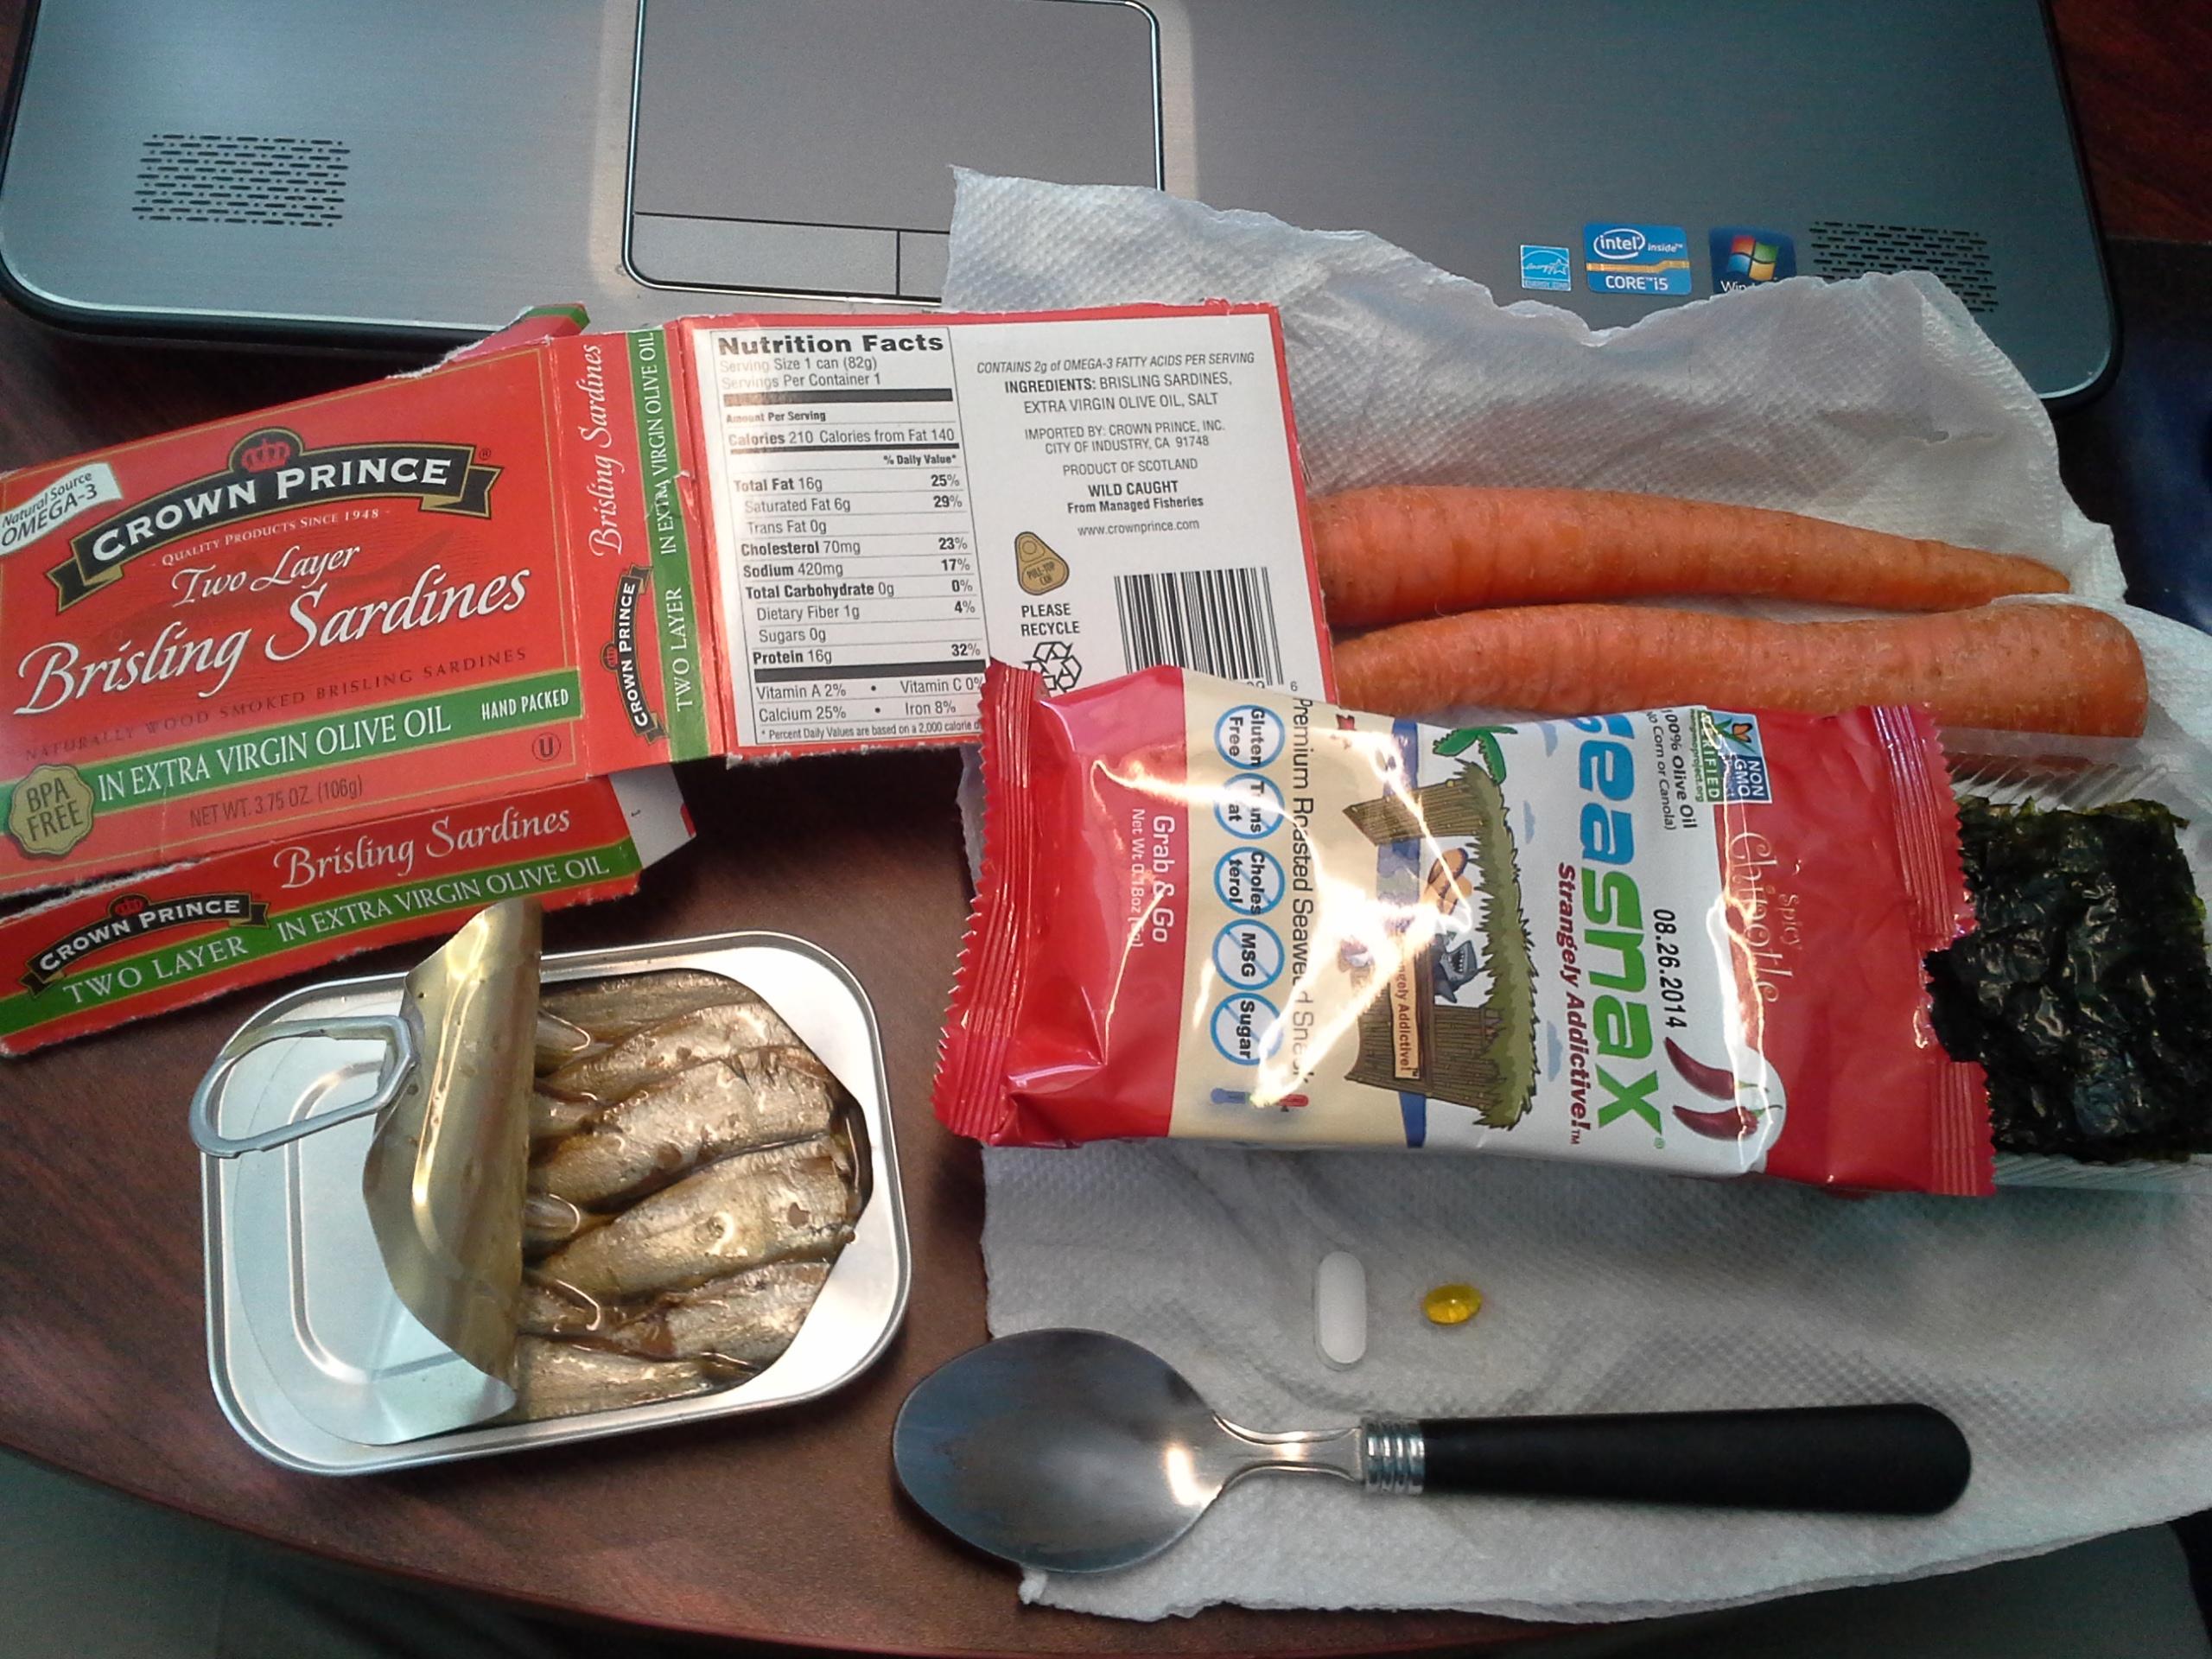 Lunch: 4:10 p.m. | 3.75 oz. sardines in olive oil, 2 carrots, .18 oz. SeaSnax seaweed, 5,000 IU Vitamin D capsule, Calcium/Magnesium/Zinc caplet